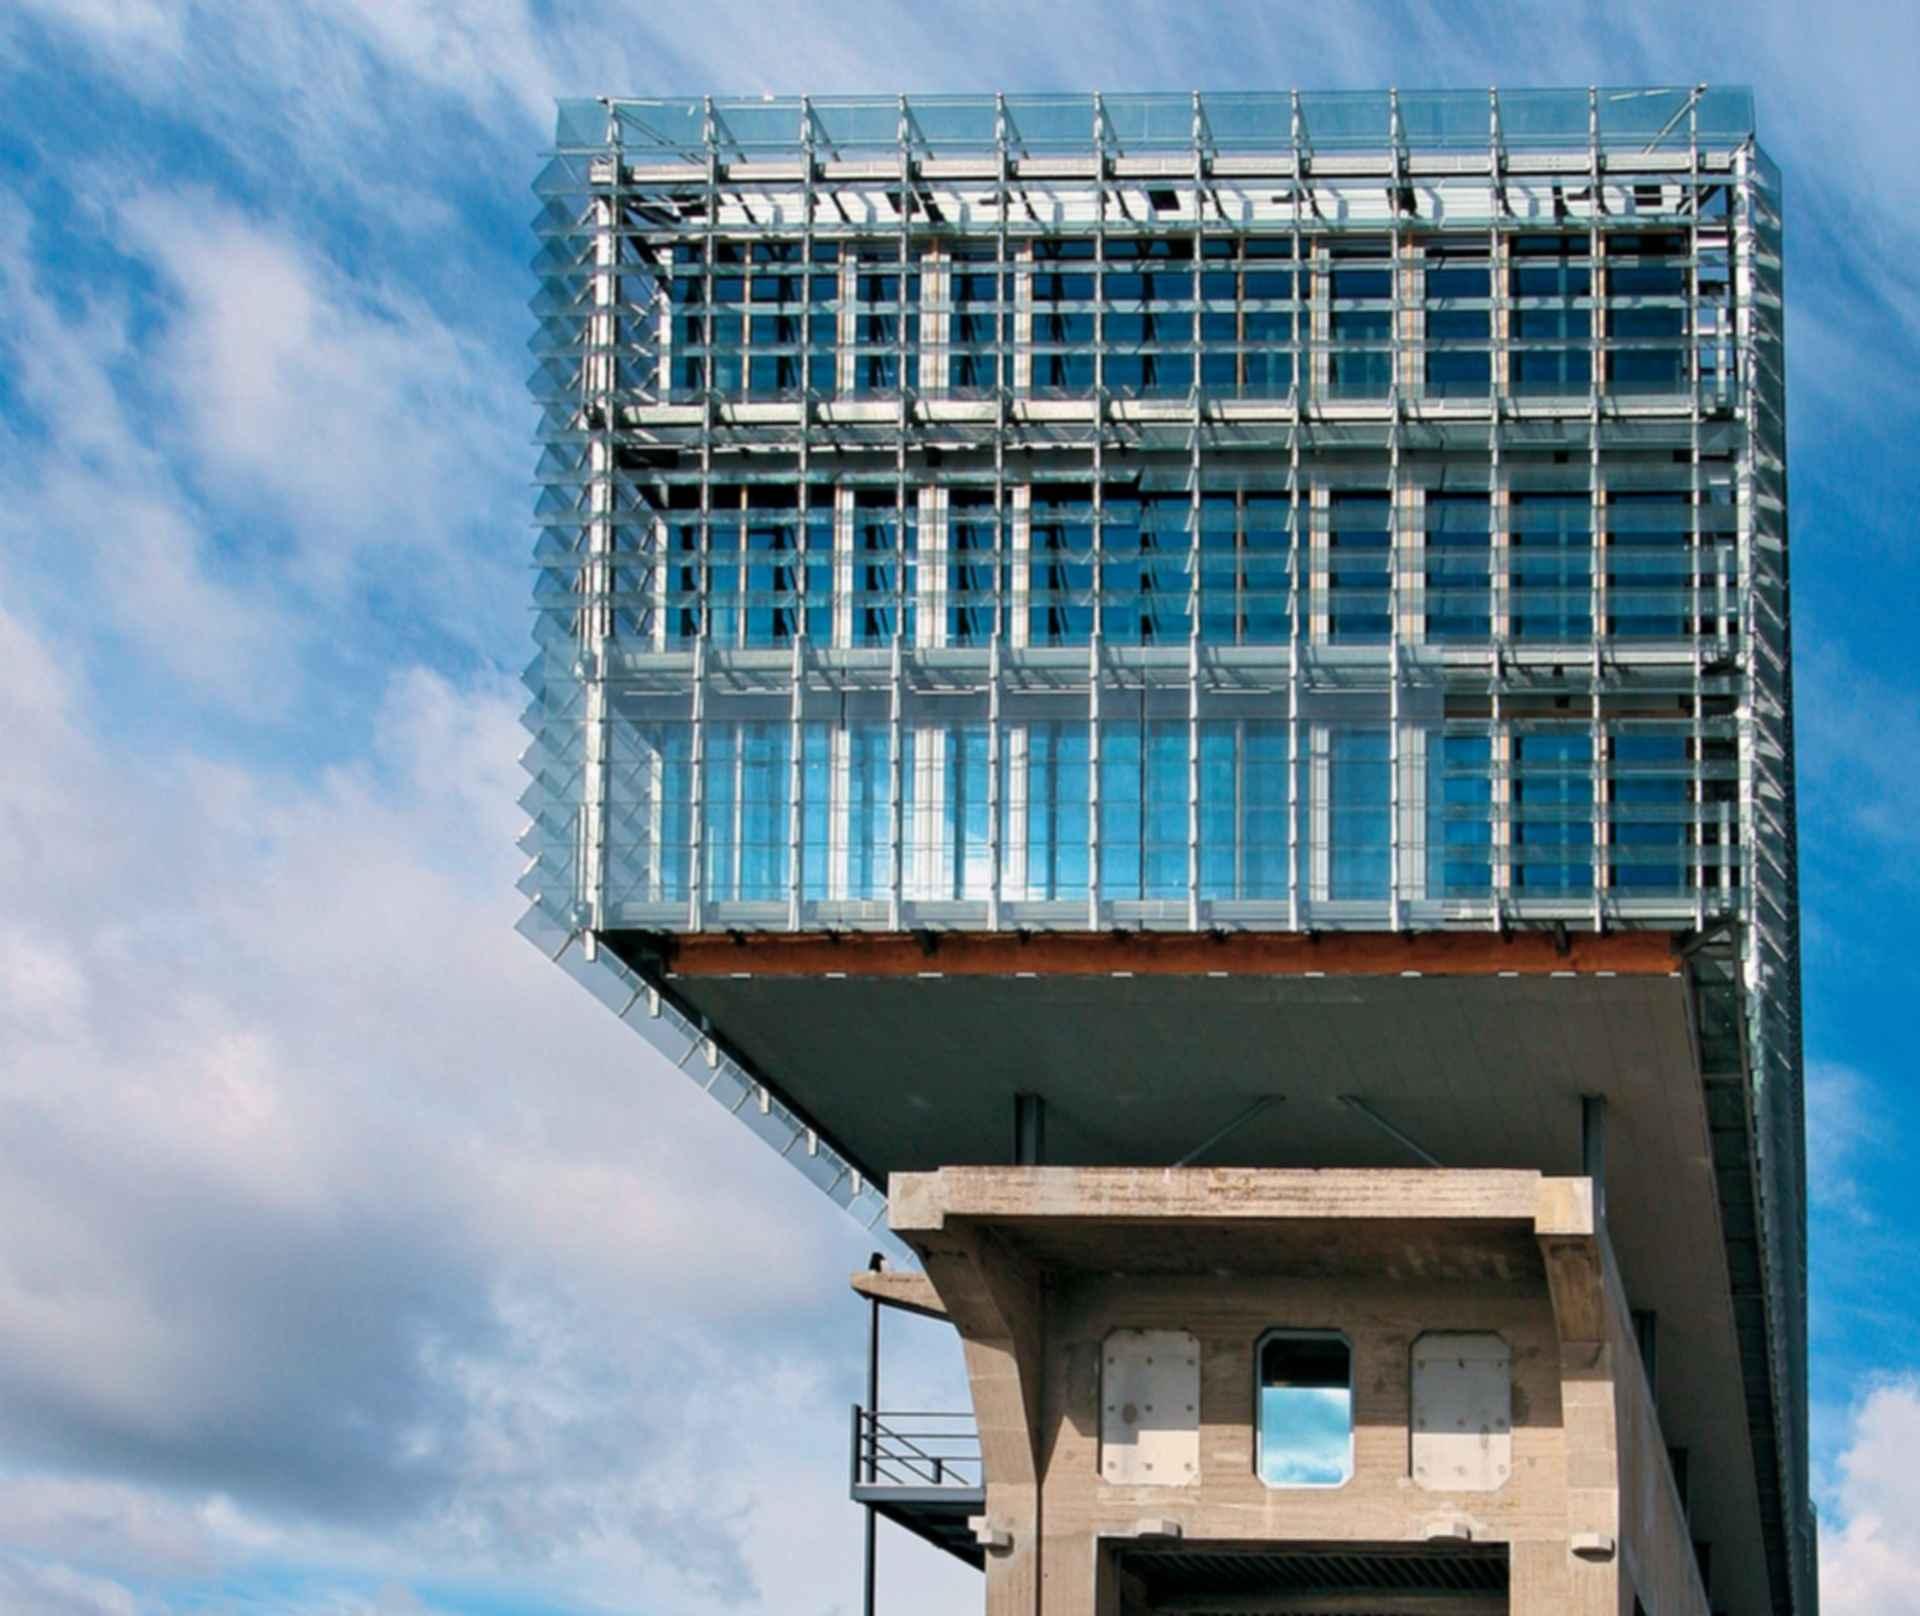 Kraanspoor Office Building - Exterior